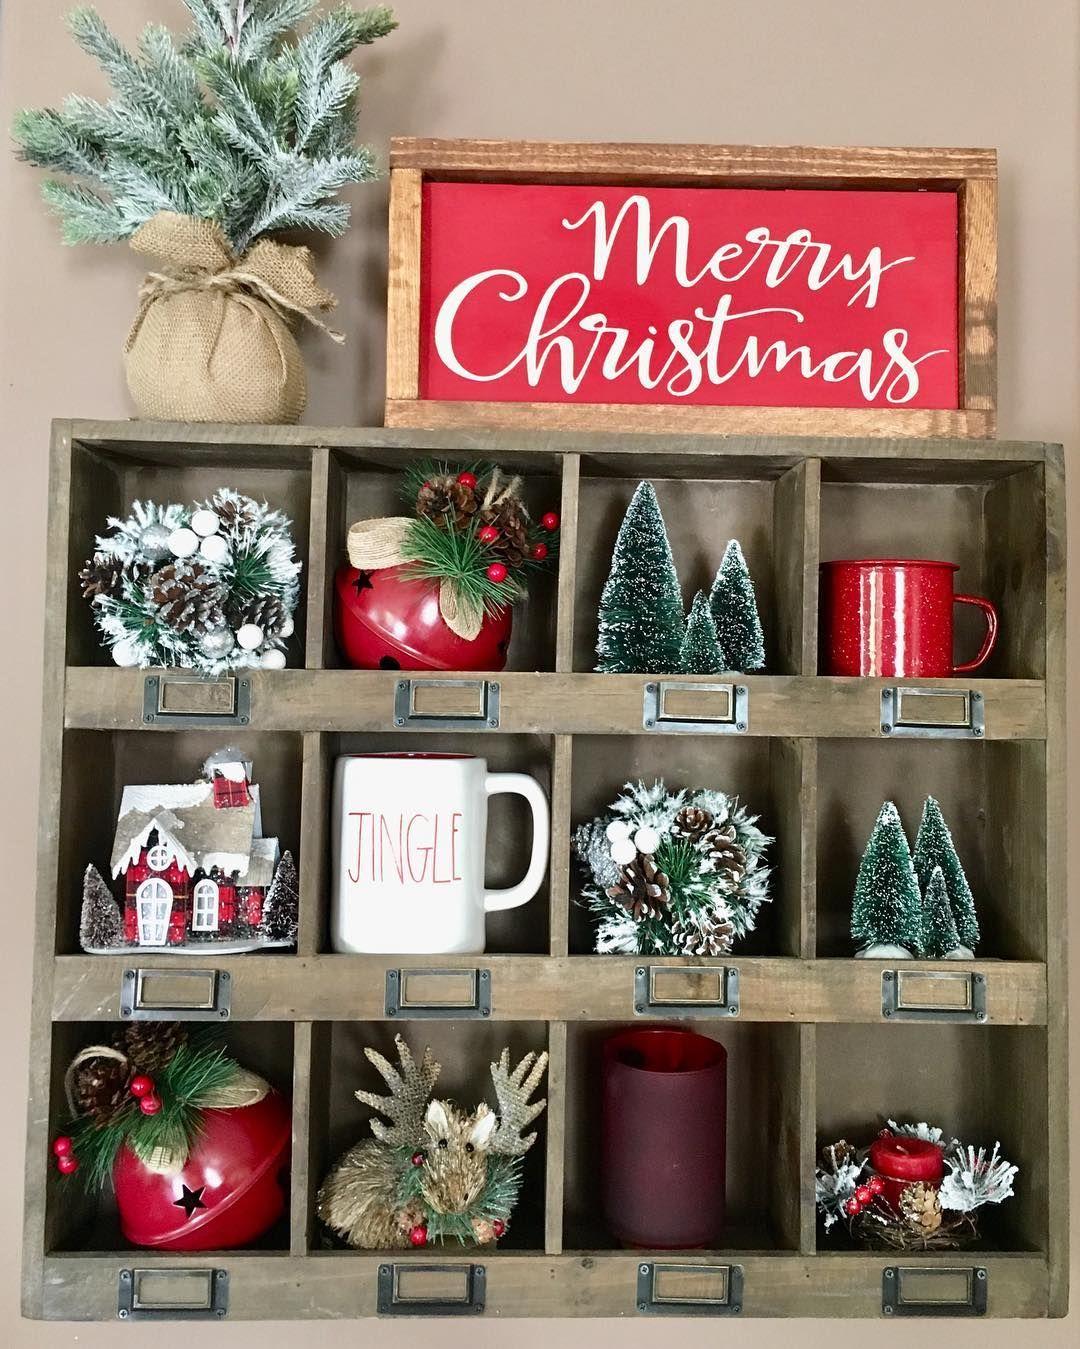 Hobby Lobby Shelf with Christmas decor | Hobby lobby ...